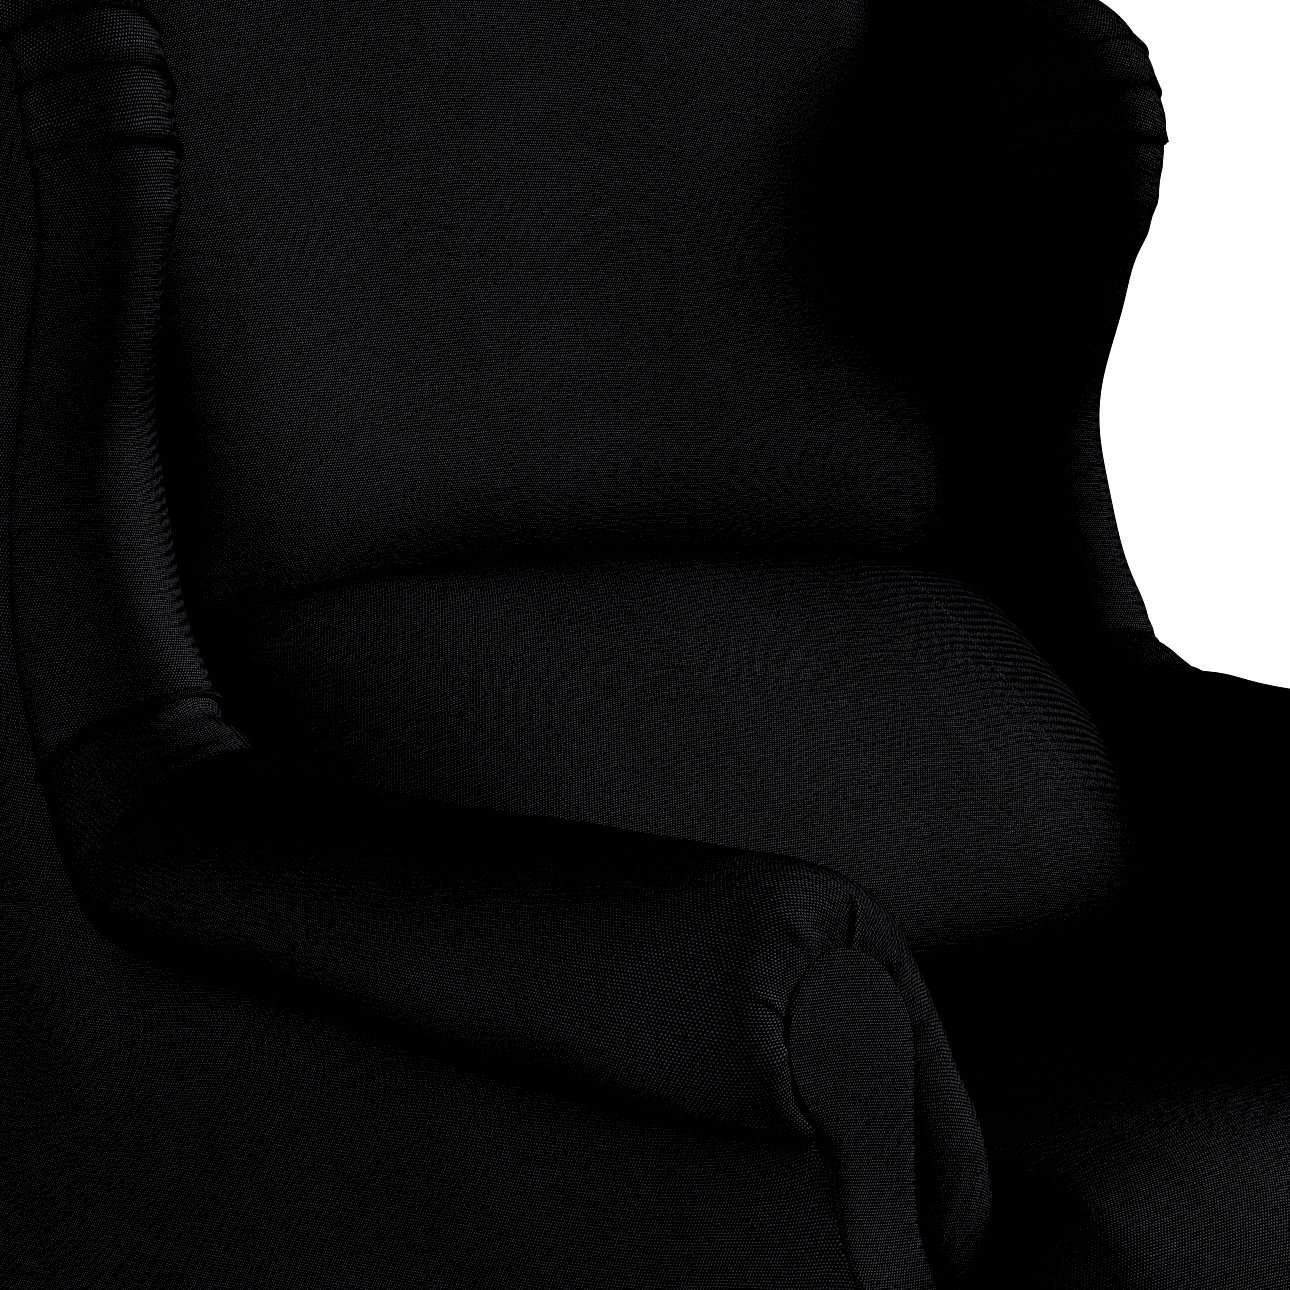 Sessel 63 x 115 cm von der Kollektion Etna, Stoff: 705-00